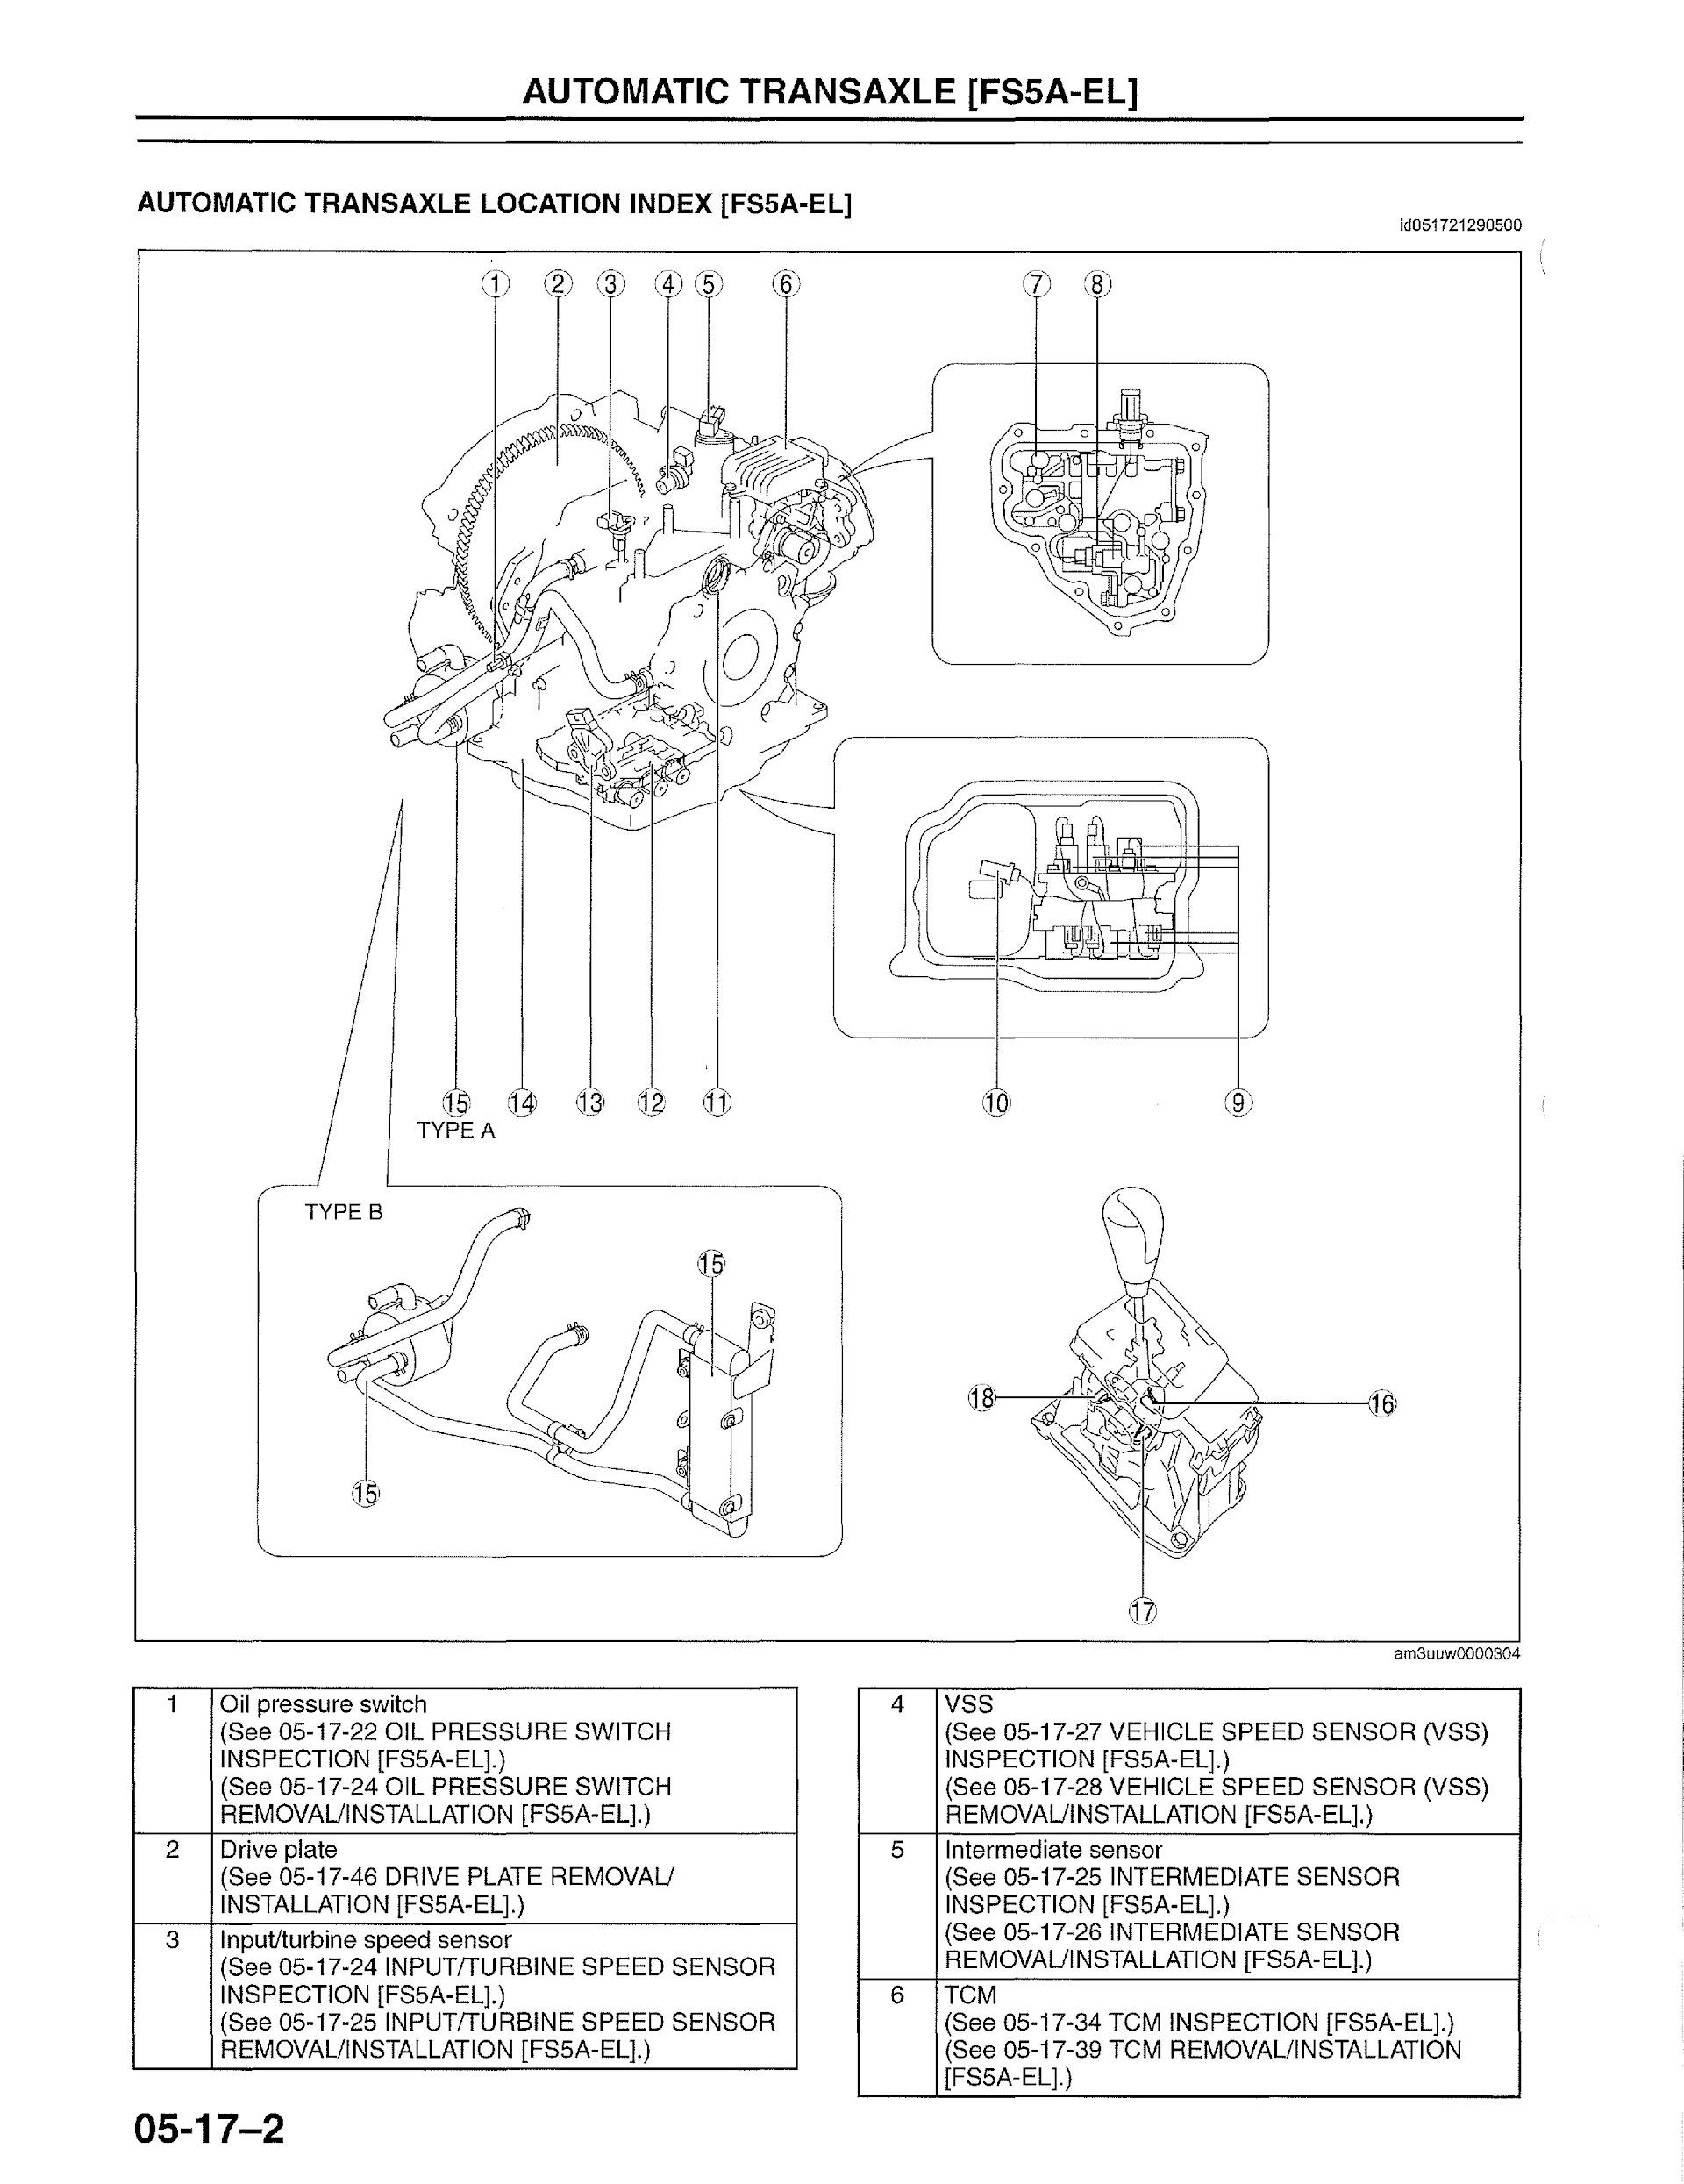 2010 mazdaspeed 3 repair manual